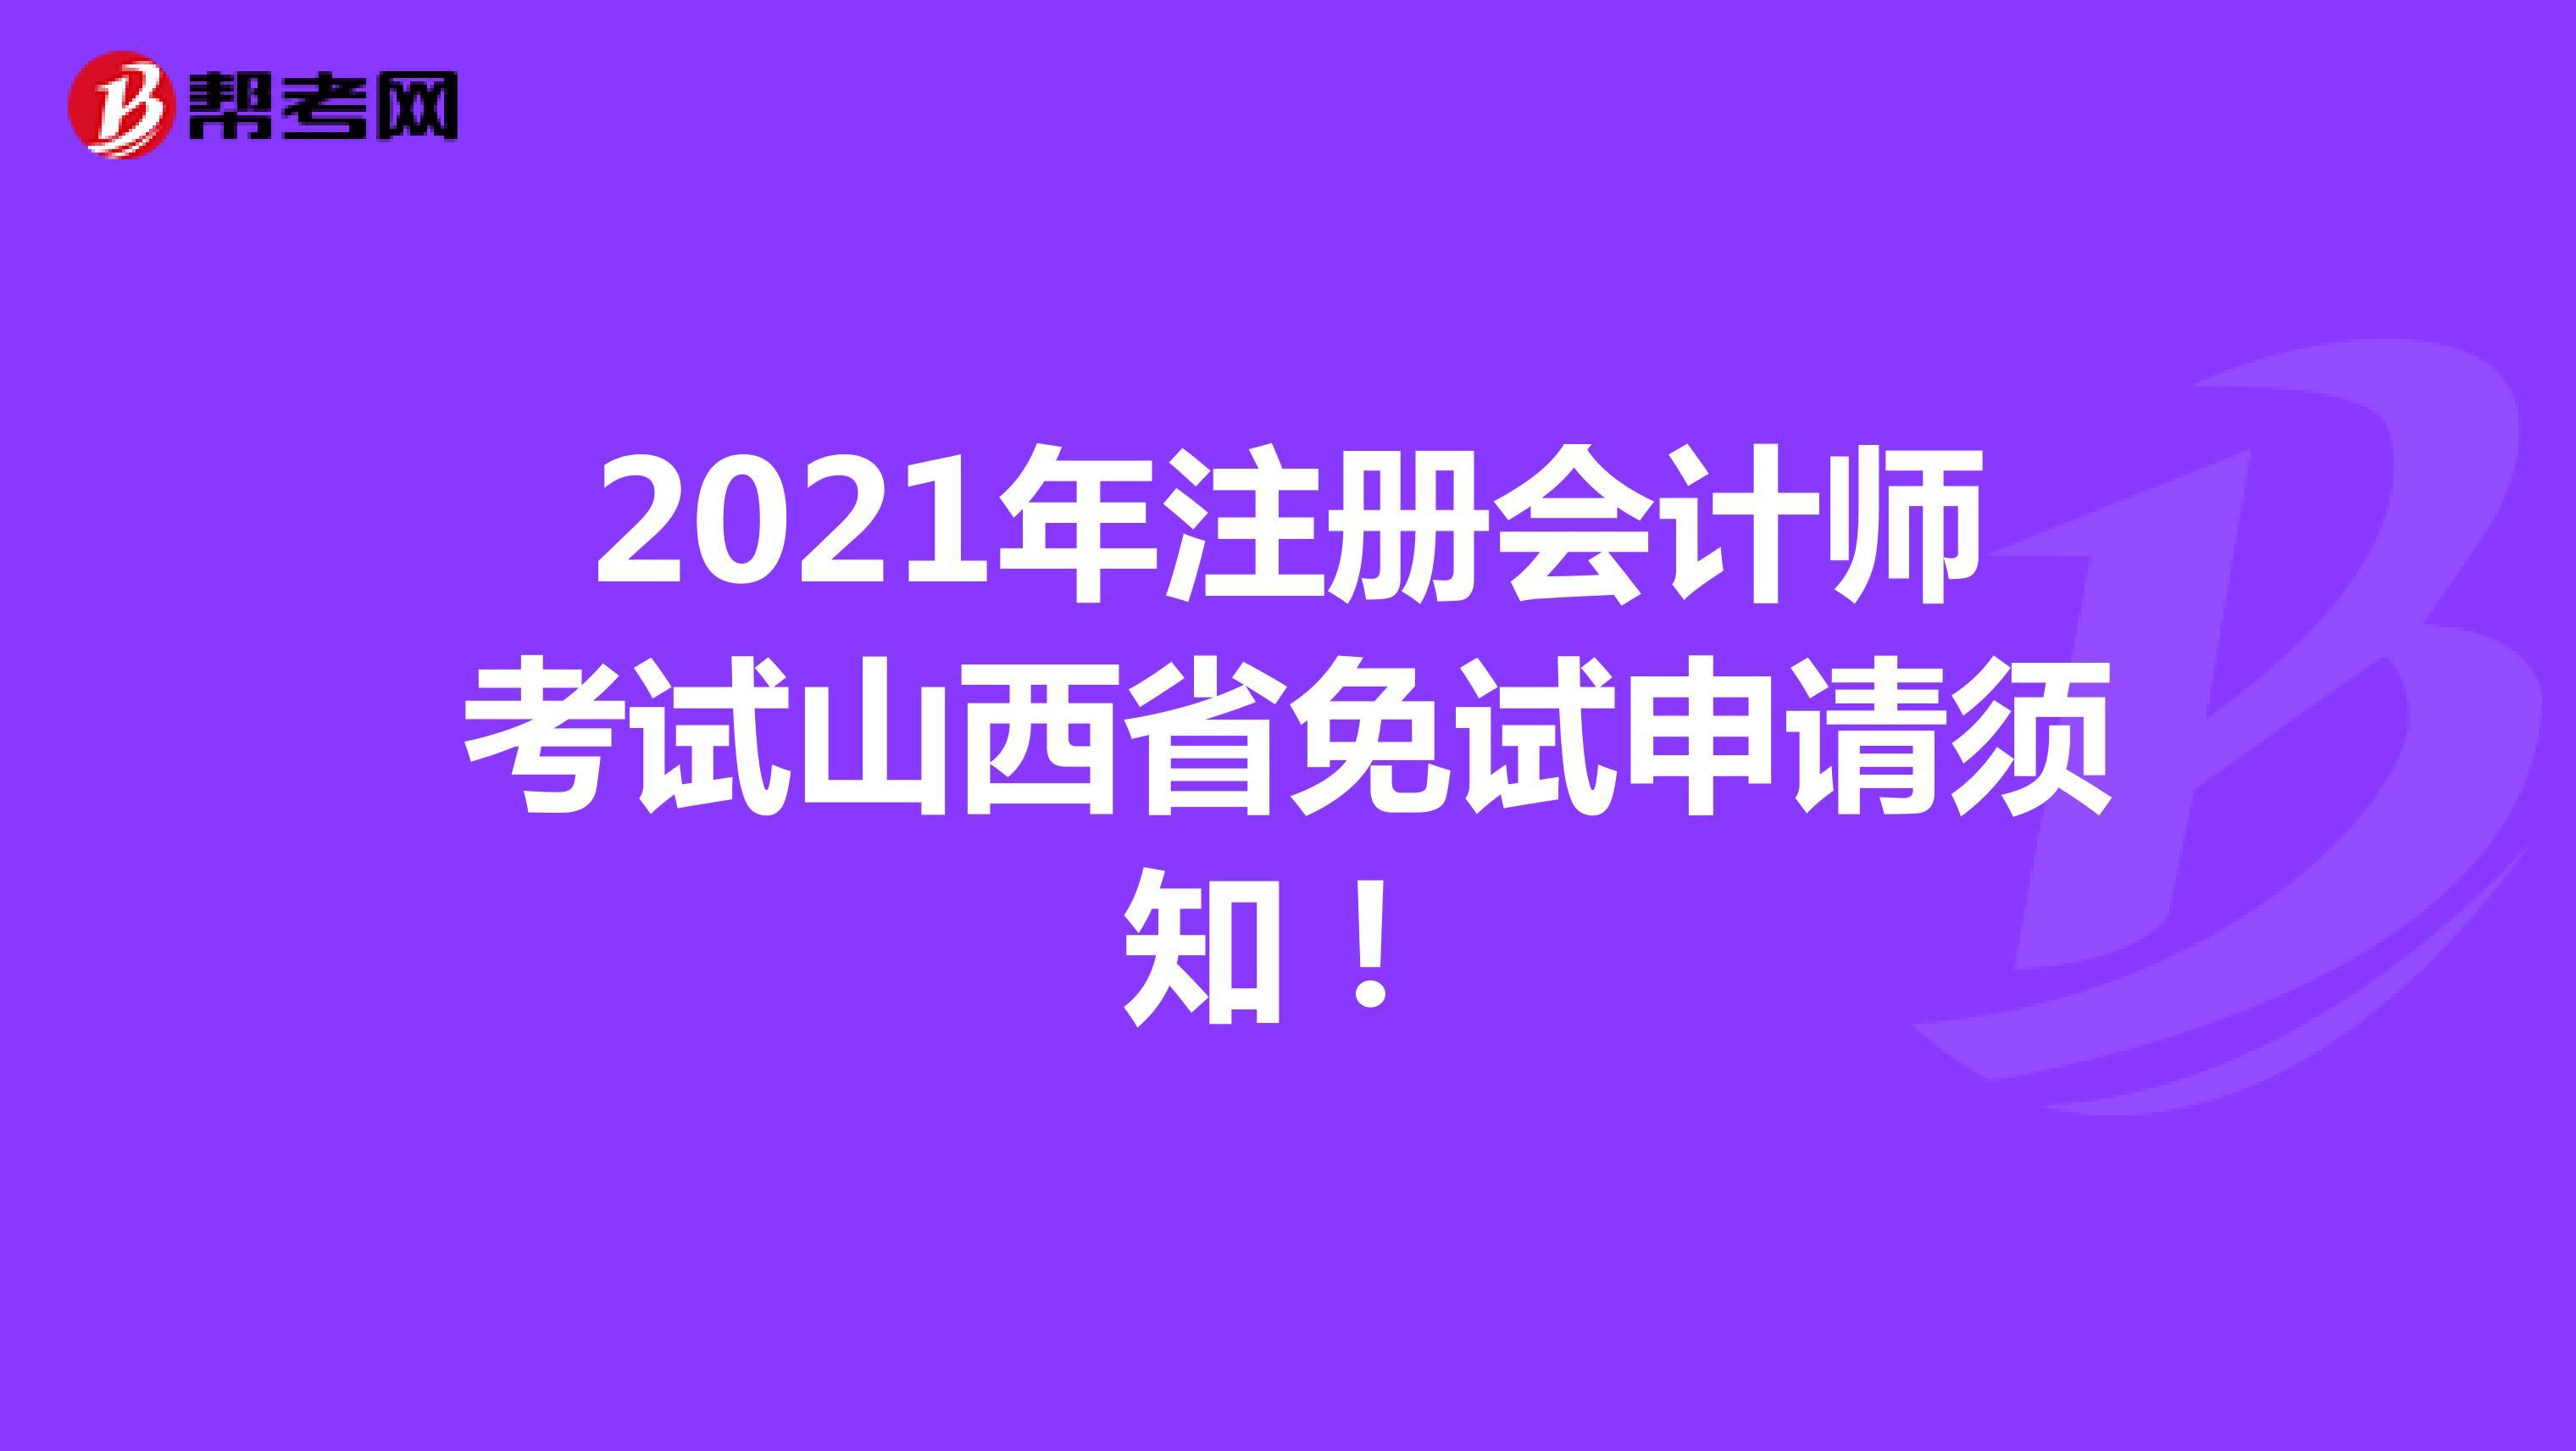 2021年【hot88热竞技提款】注册会计师考试山西省免试申请须知!